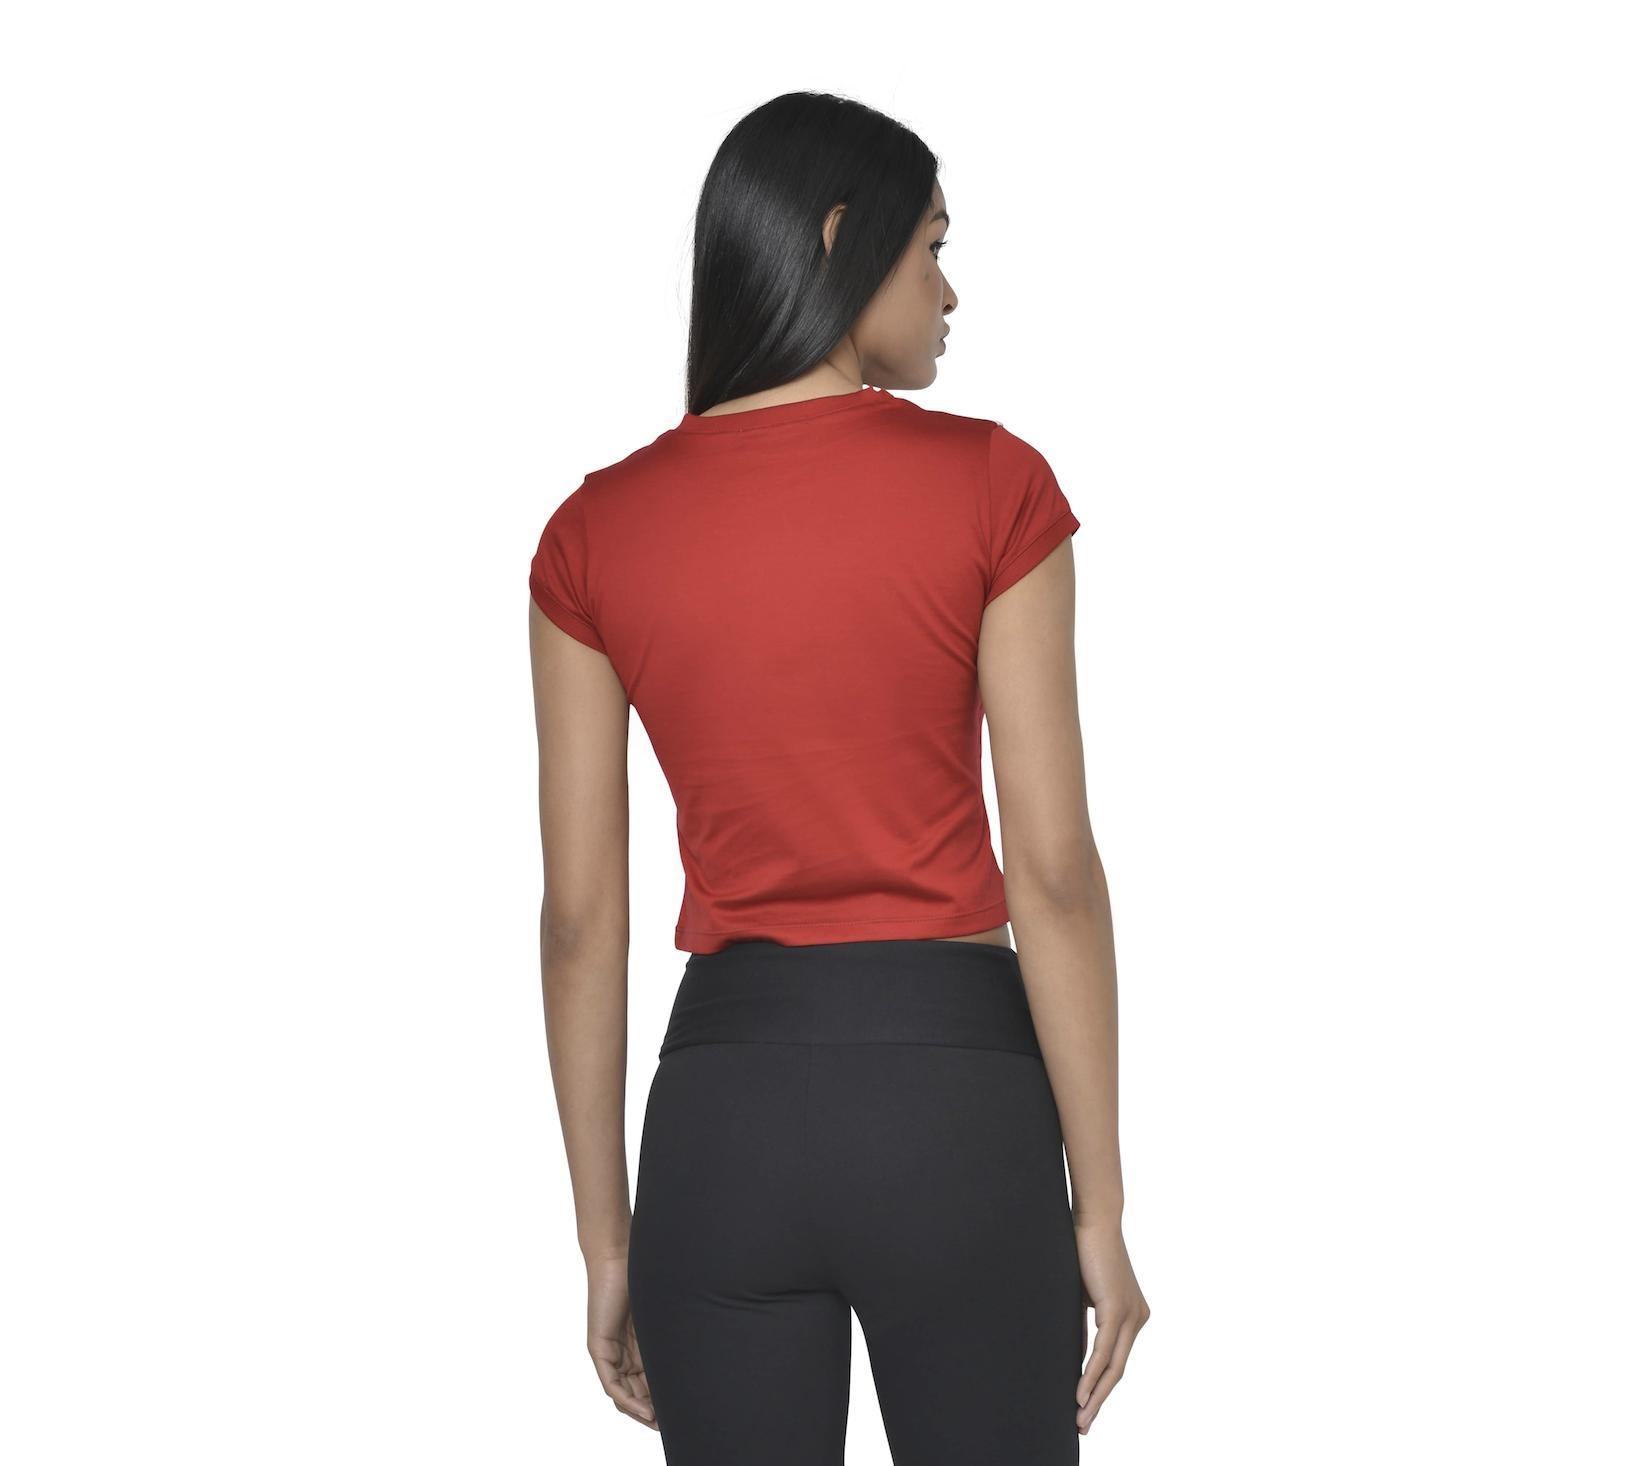 T-Shirt LEIA-RUBRA I 3